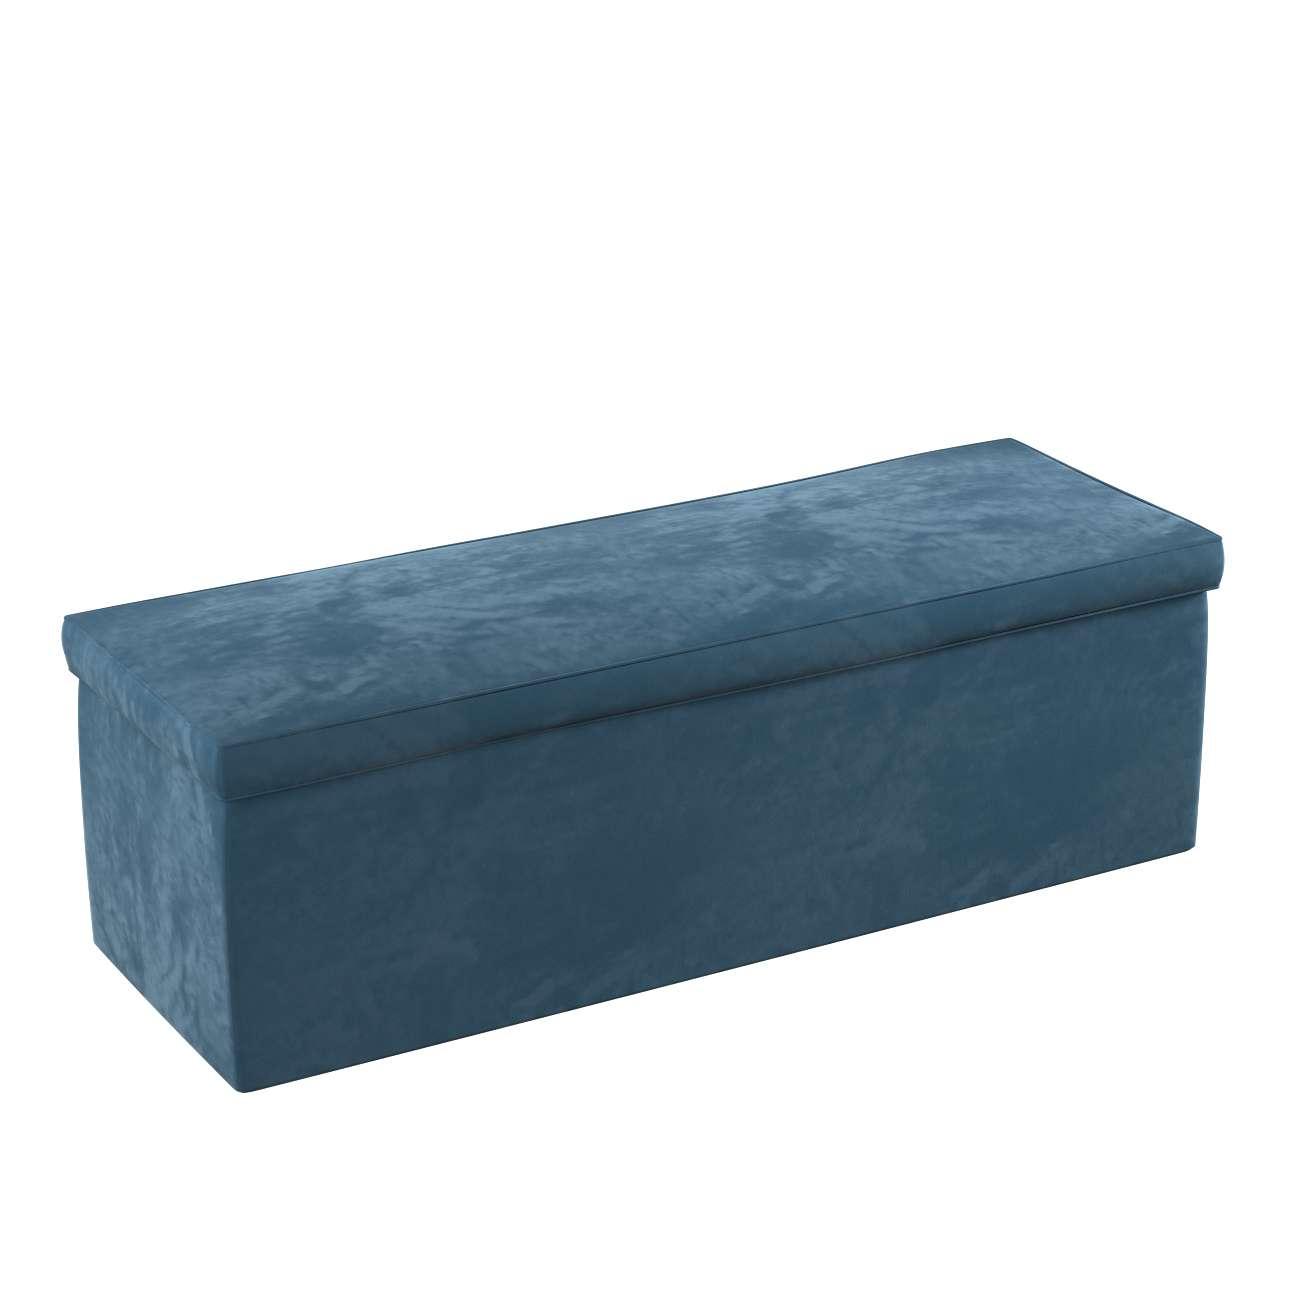 Truhe, blau, 120 x 40 x 40 cm, Velvet | Wohnzimmer > Truhen | Dekoria